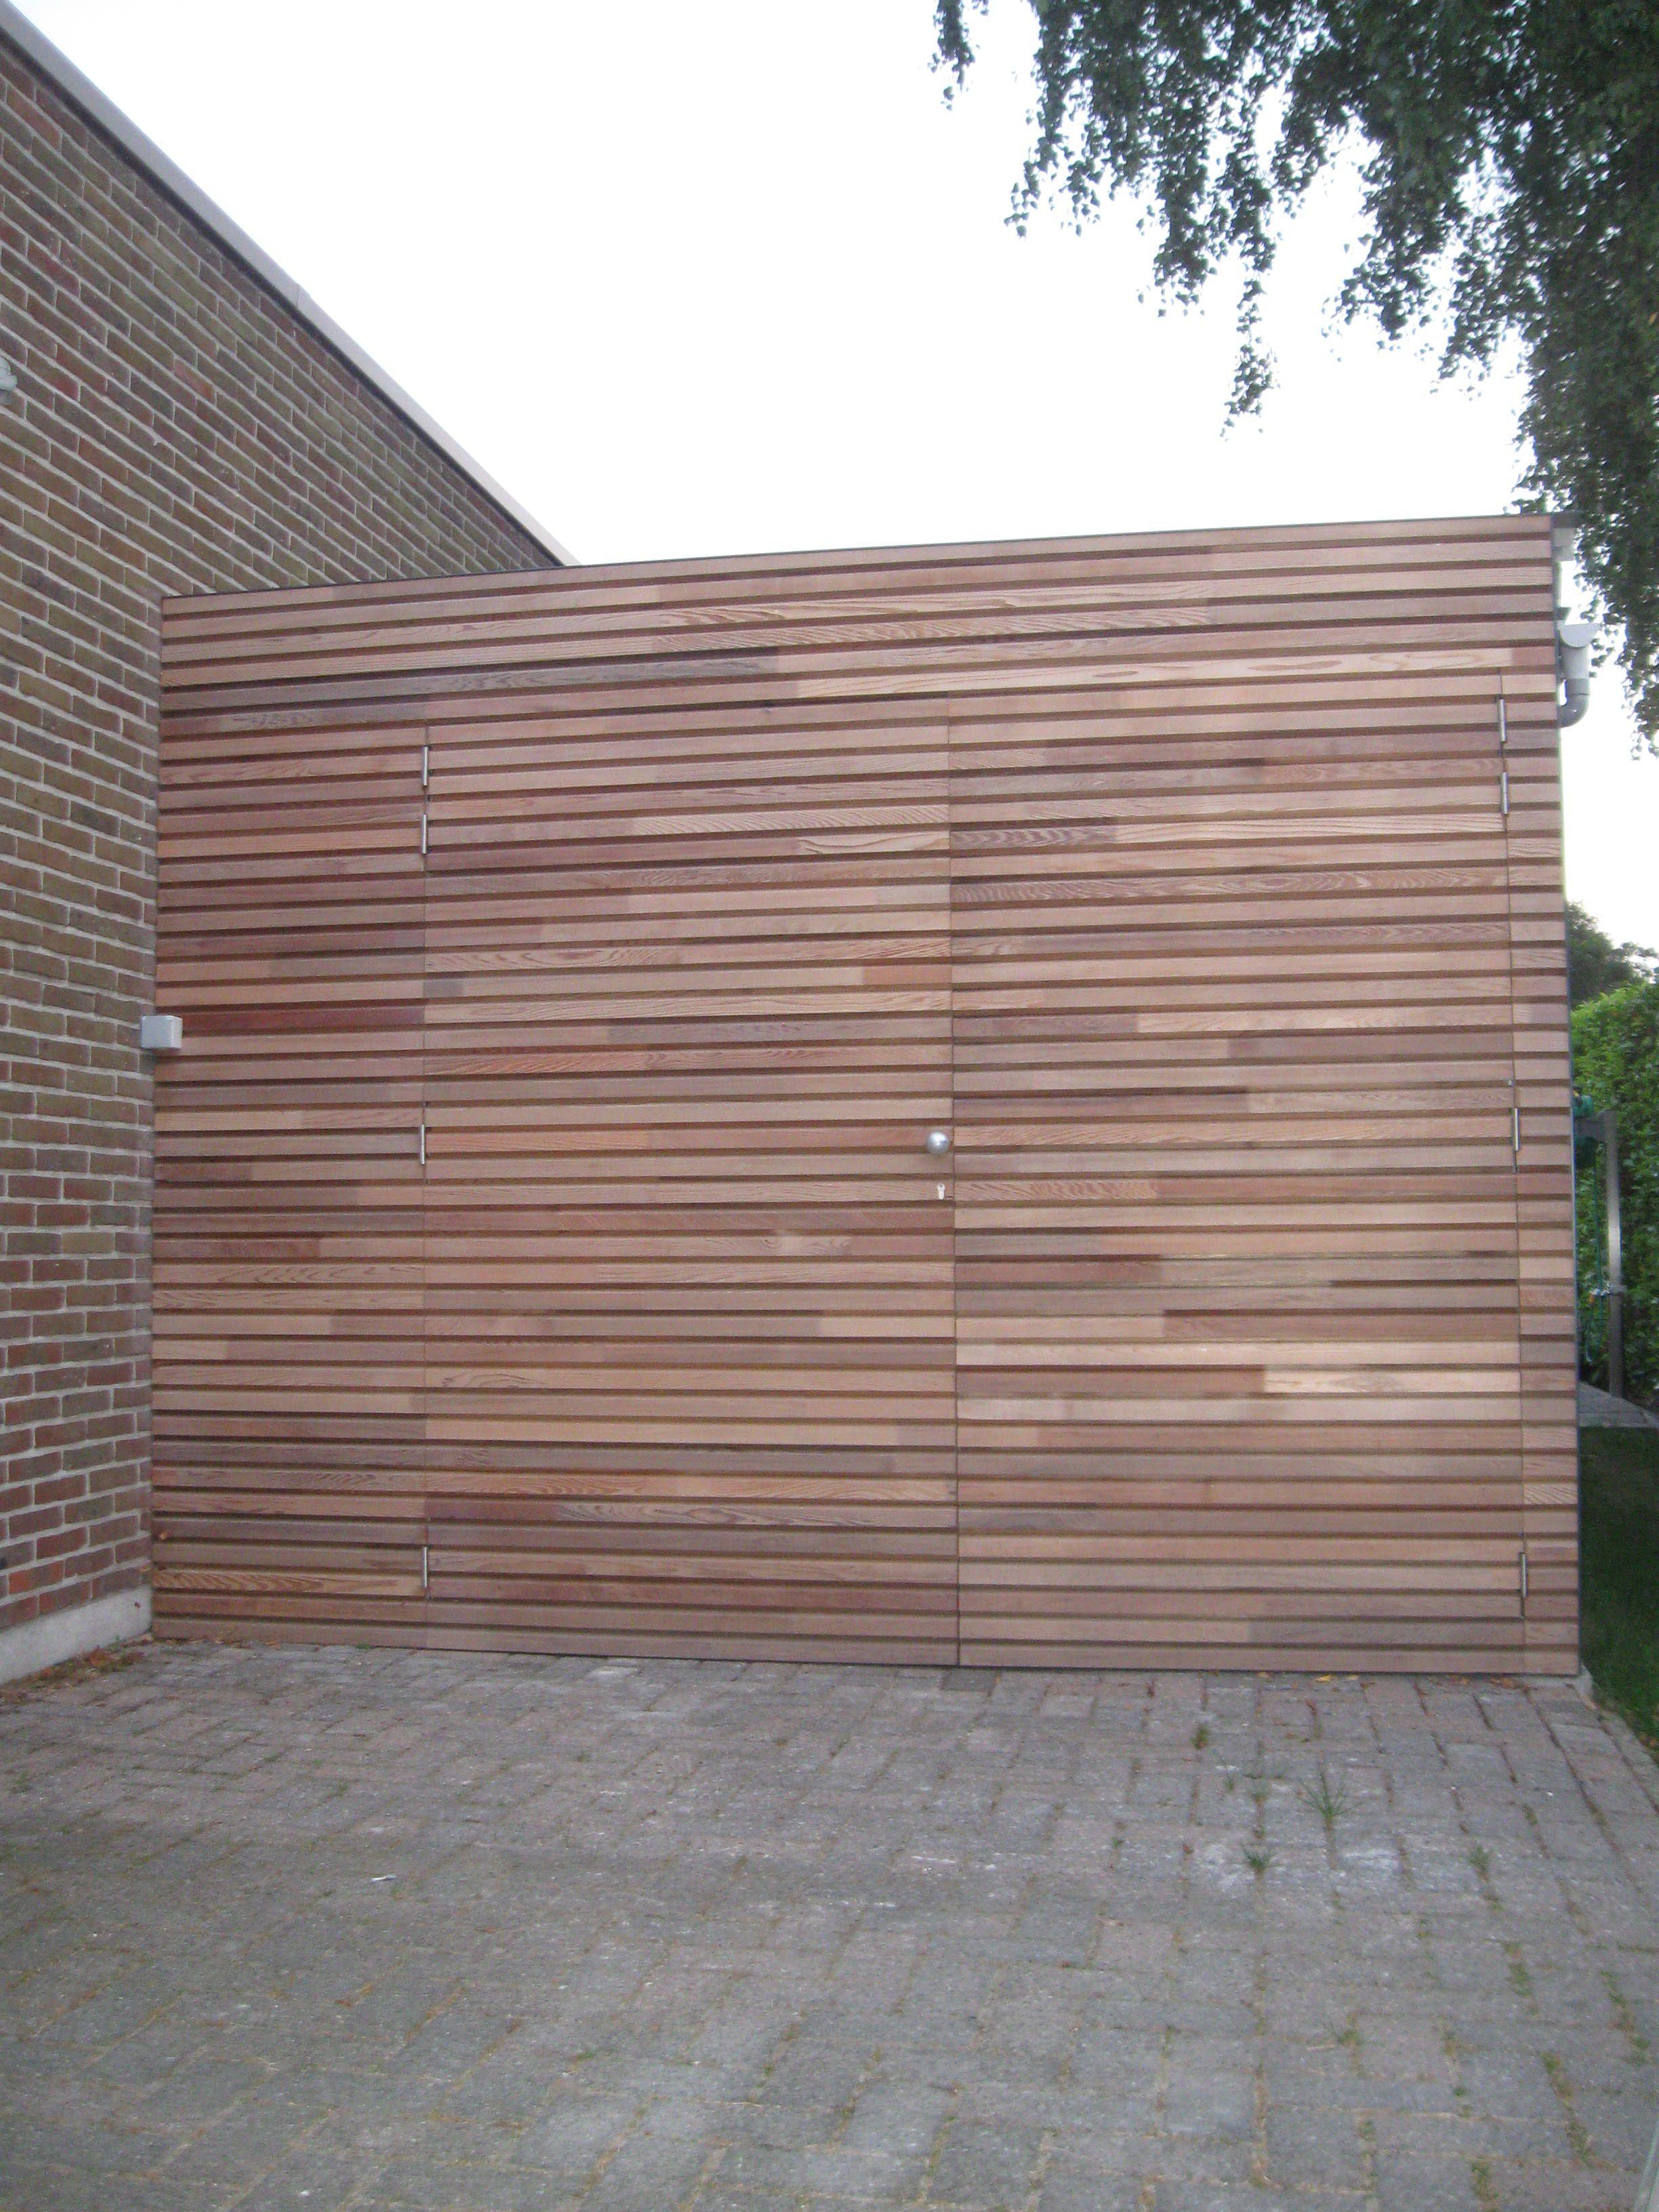 Tuinberging in free willy ceder garage pinterest abri de jardin bois jardins et abri de - Baraque de jardin ...